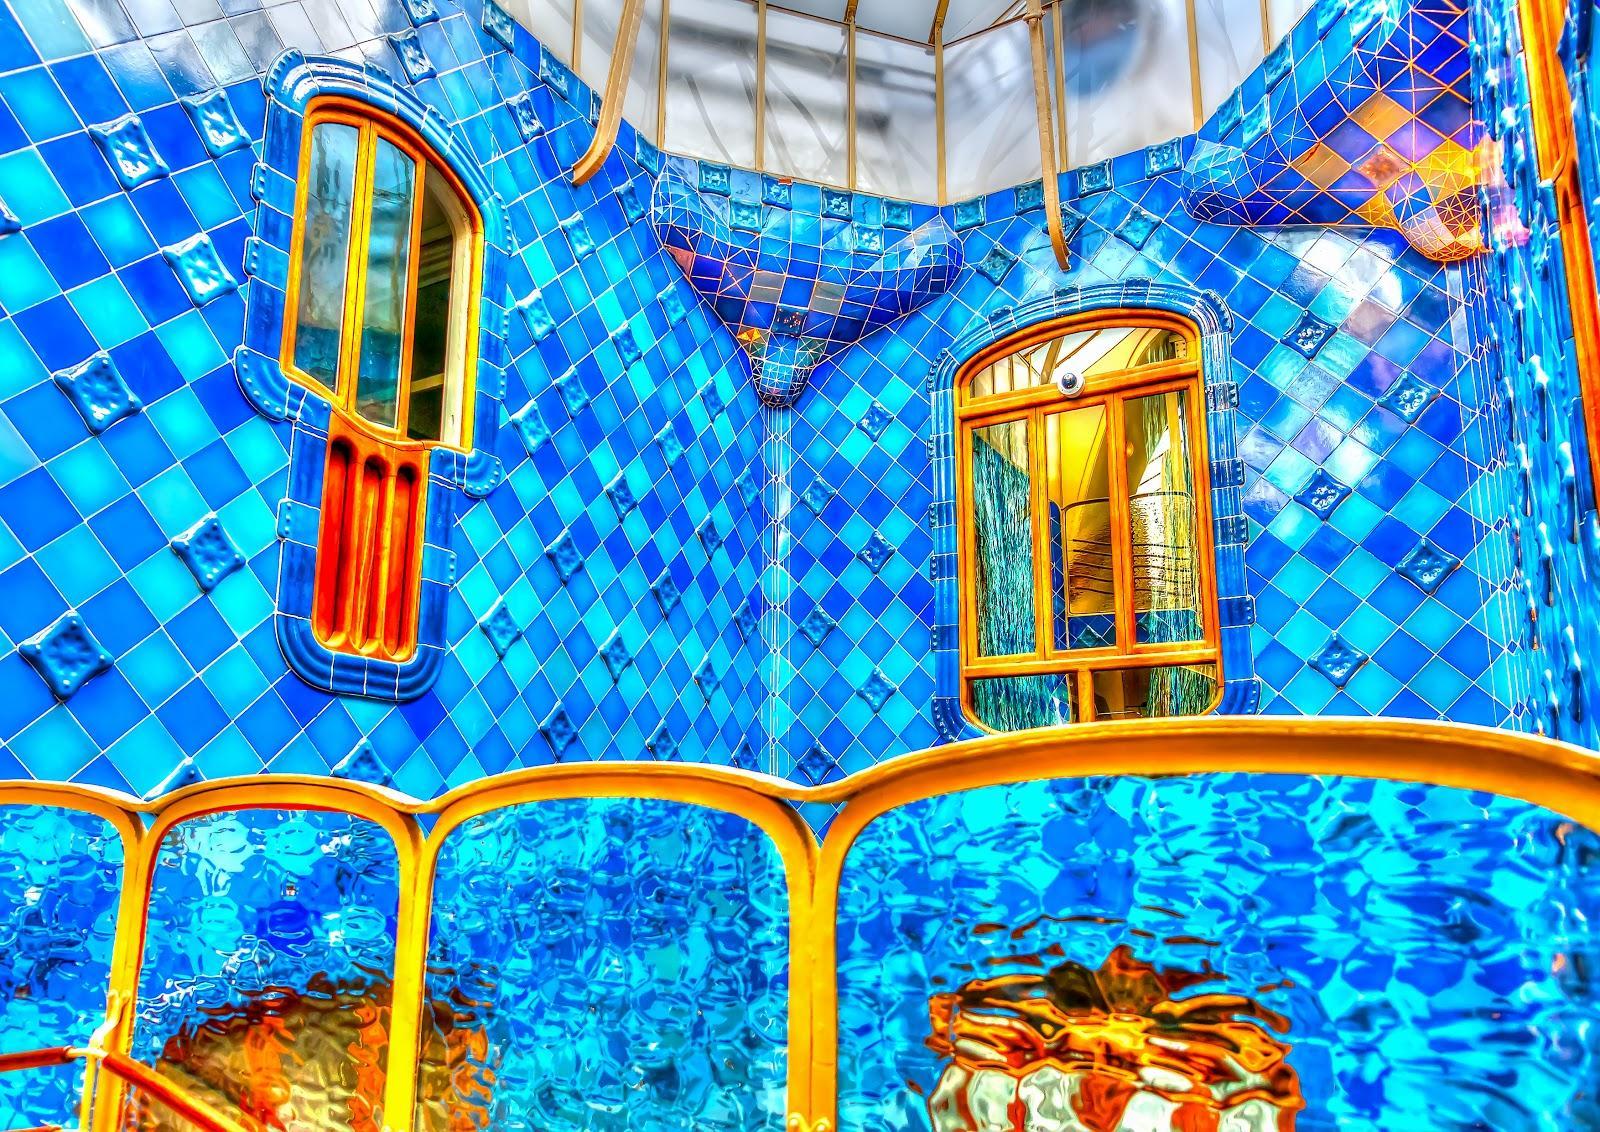 The blue mosaics of the walls inside Casa Batllo.